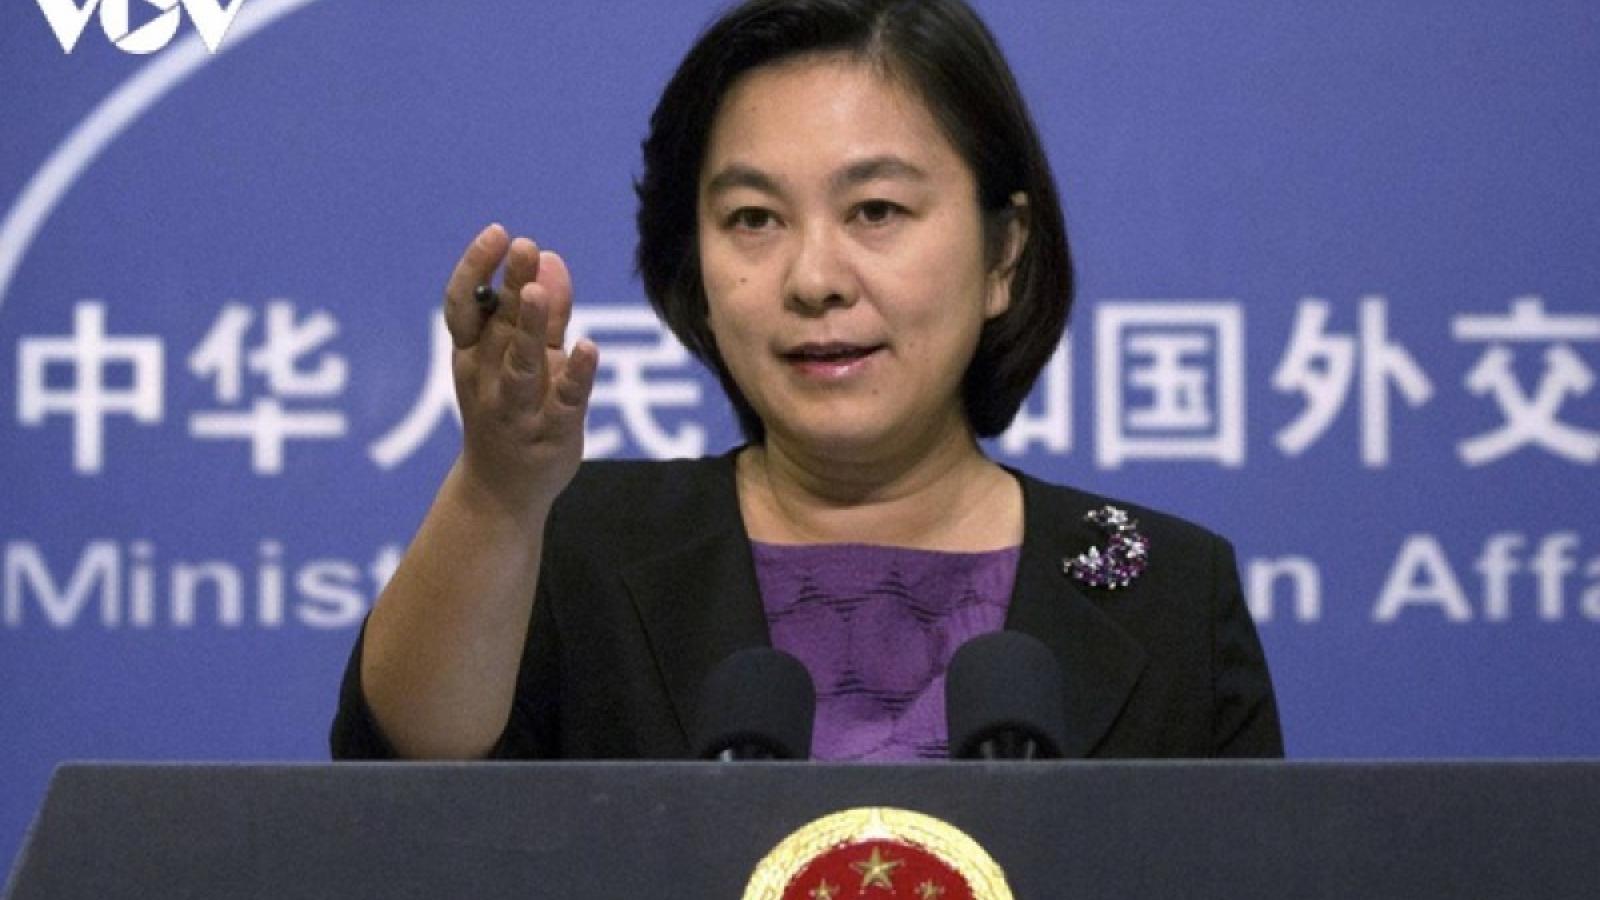 Trung Quốc kêu gọi hợp tác để đưa quan hệ Trung – Mỹ phát triển đúng hướng